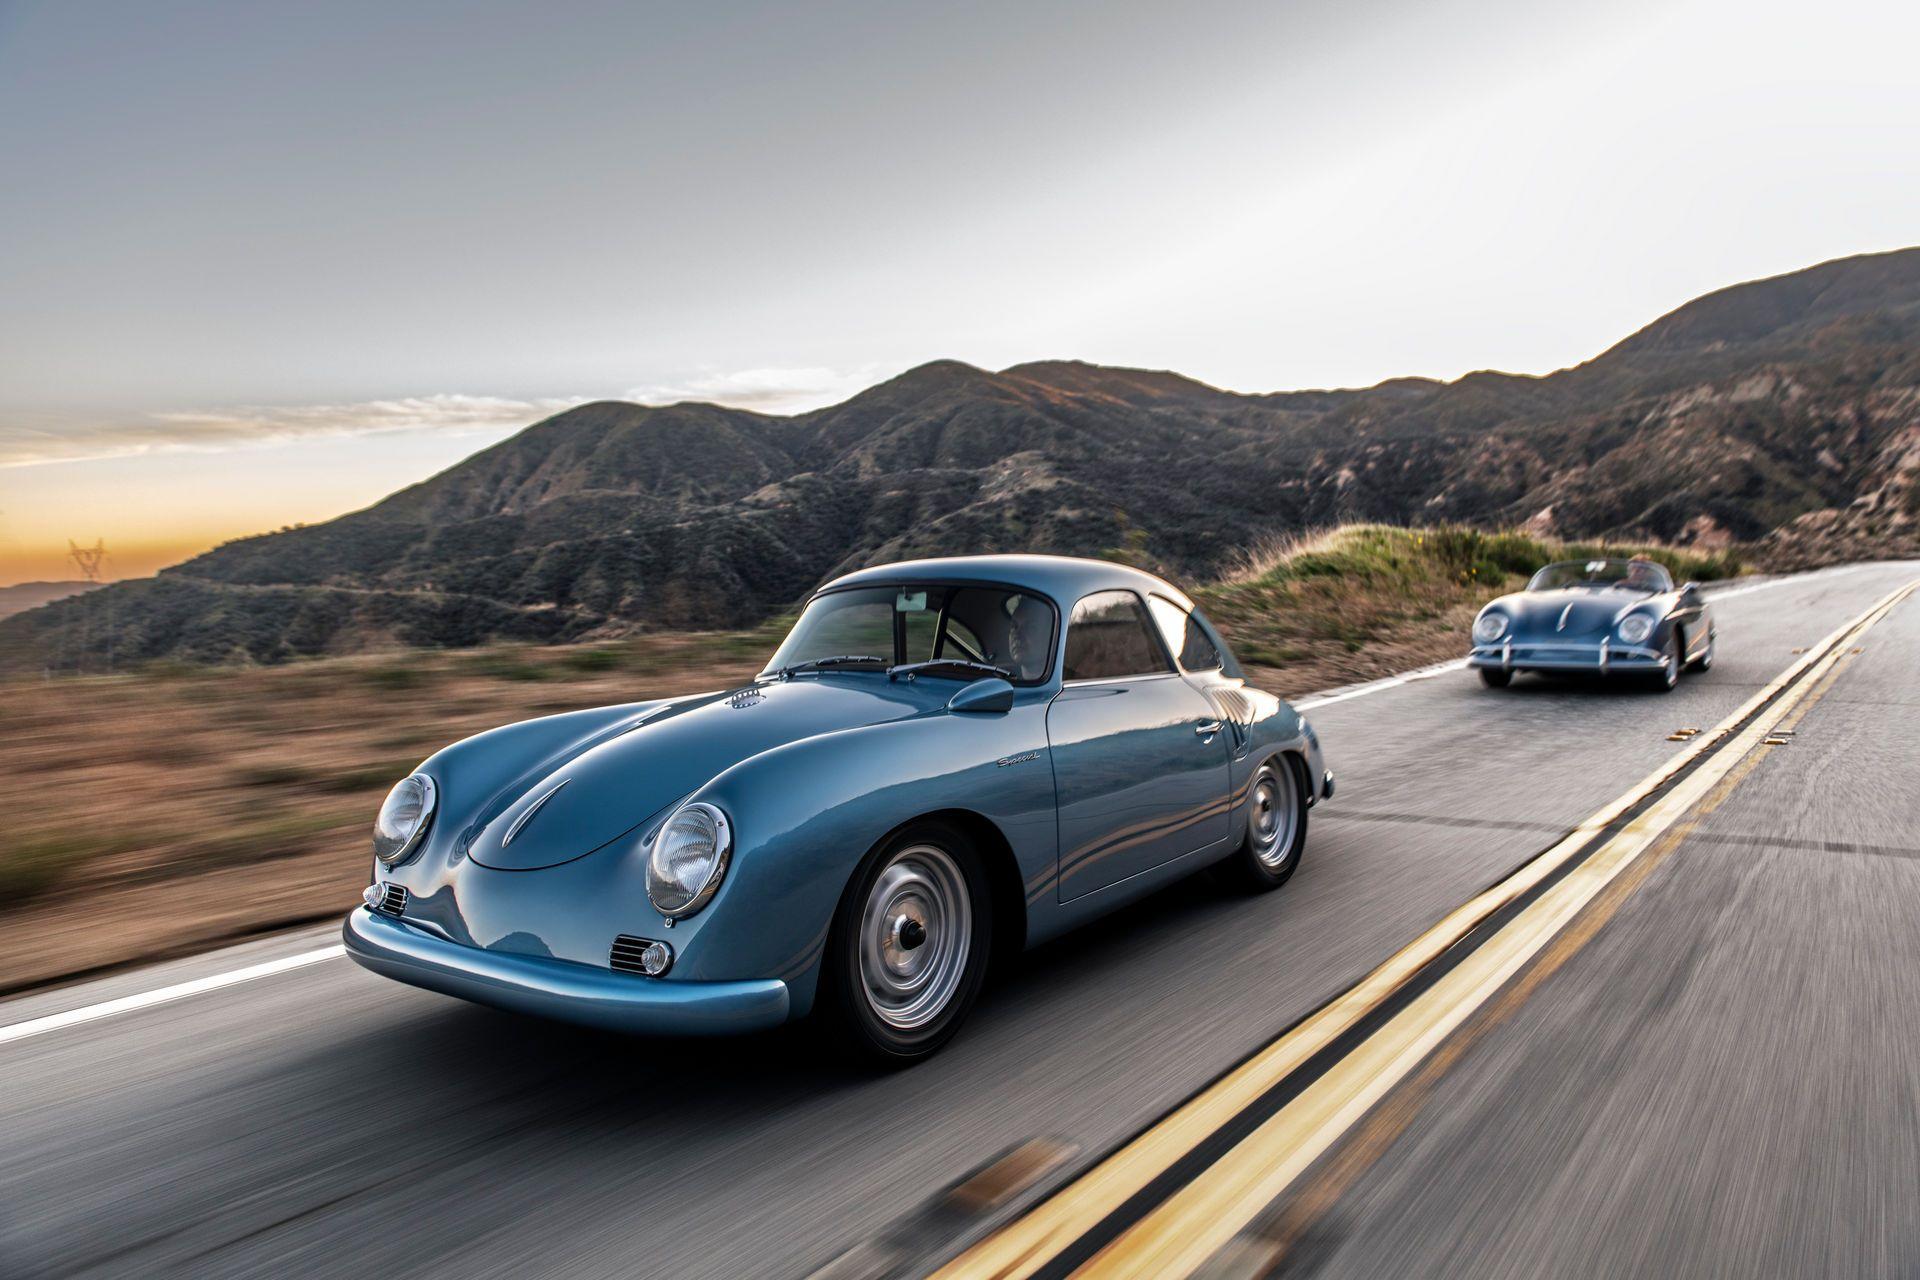 Porsche-356-A-Coupe-Restomod-Emory-Motorsports-26